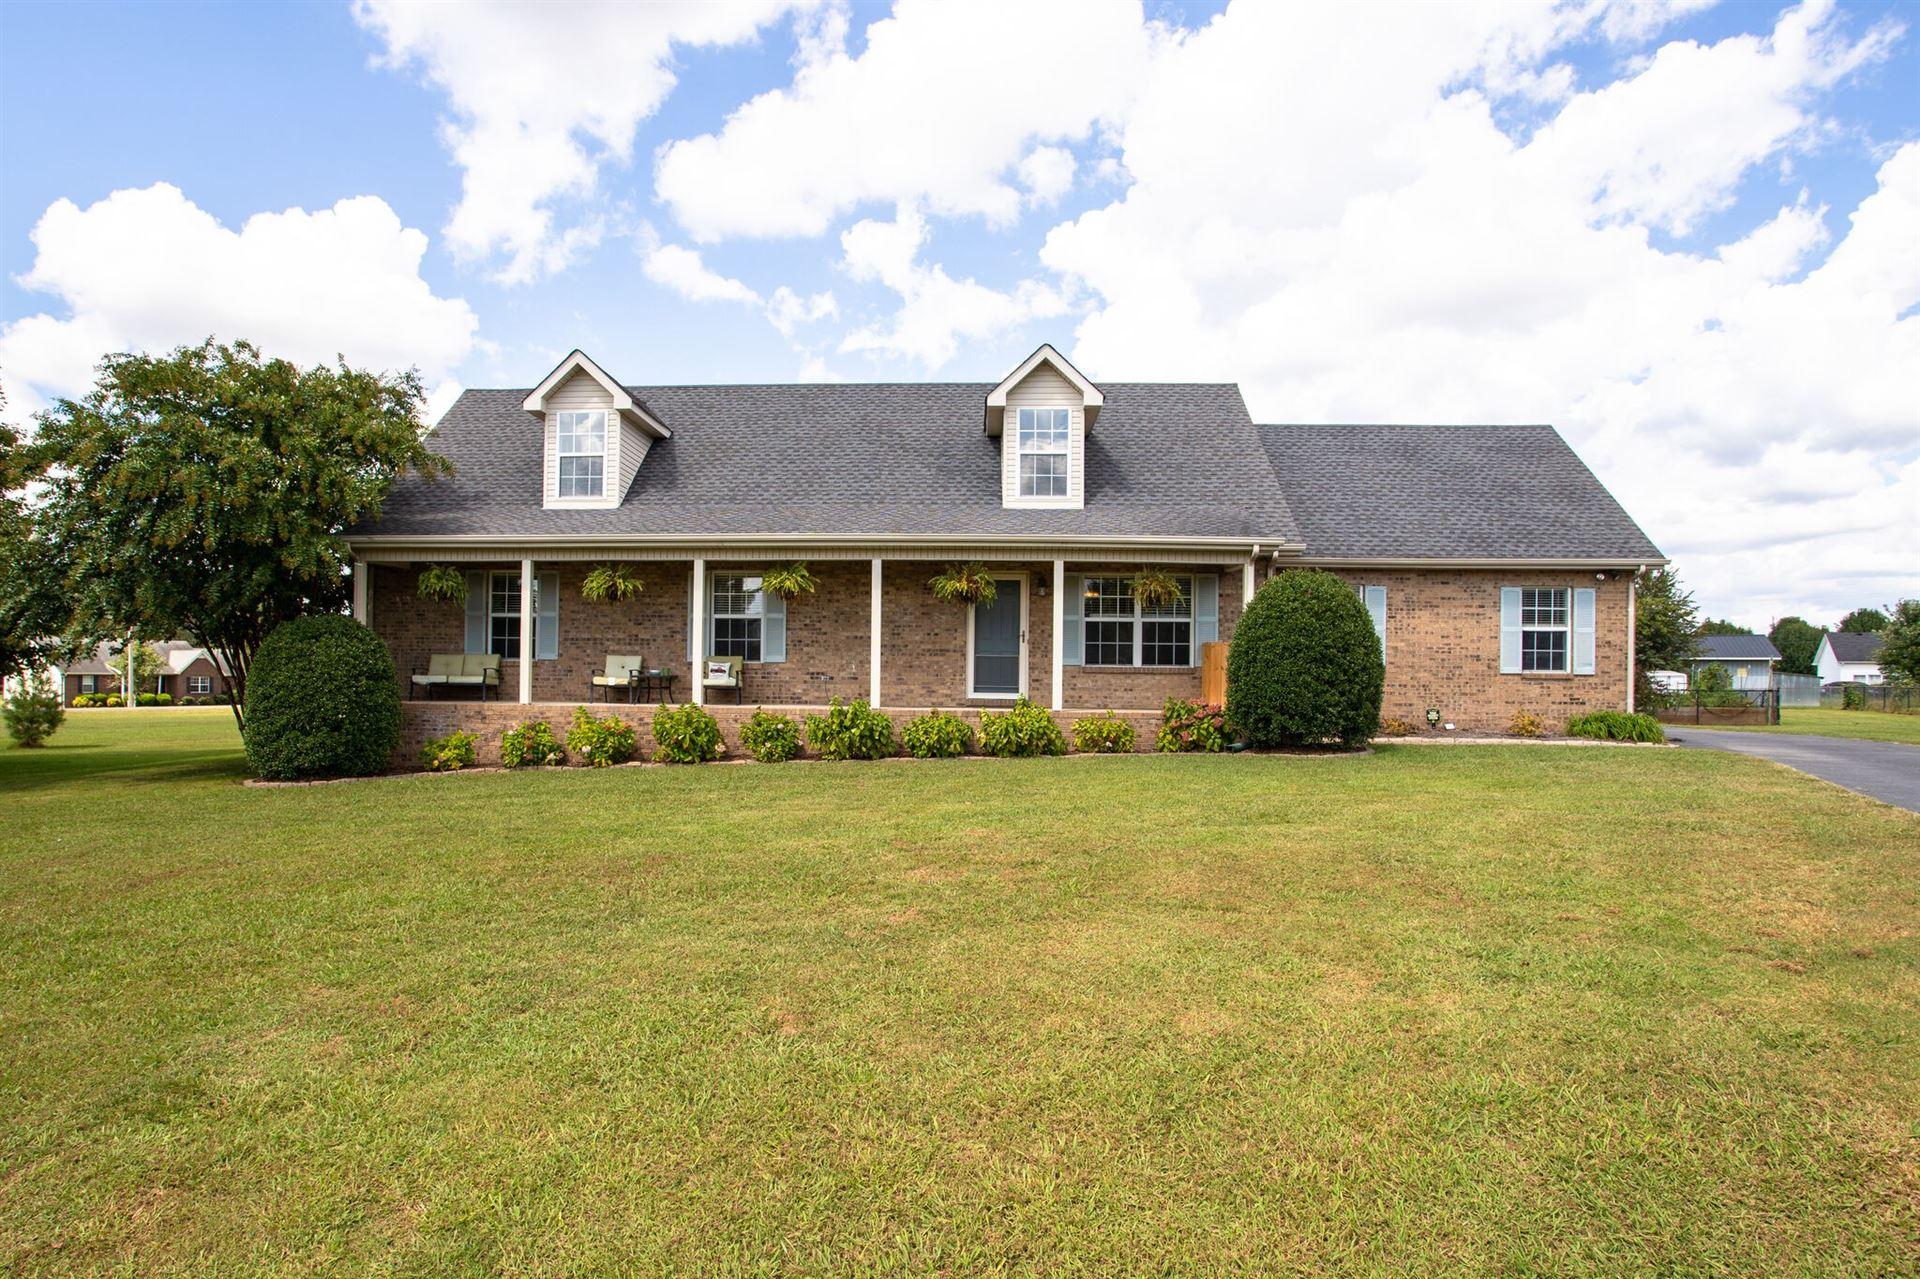 3030 Arthur Dr, Murfreesboro, TN 37127 - MLS#: 2291810